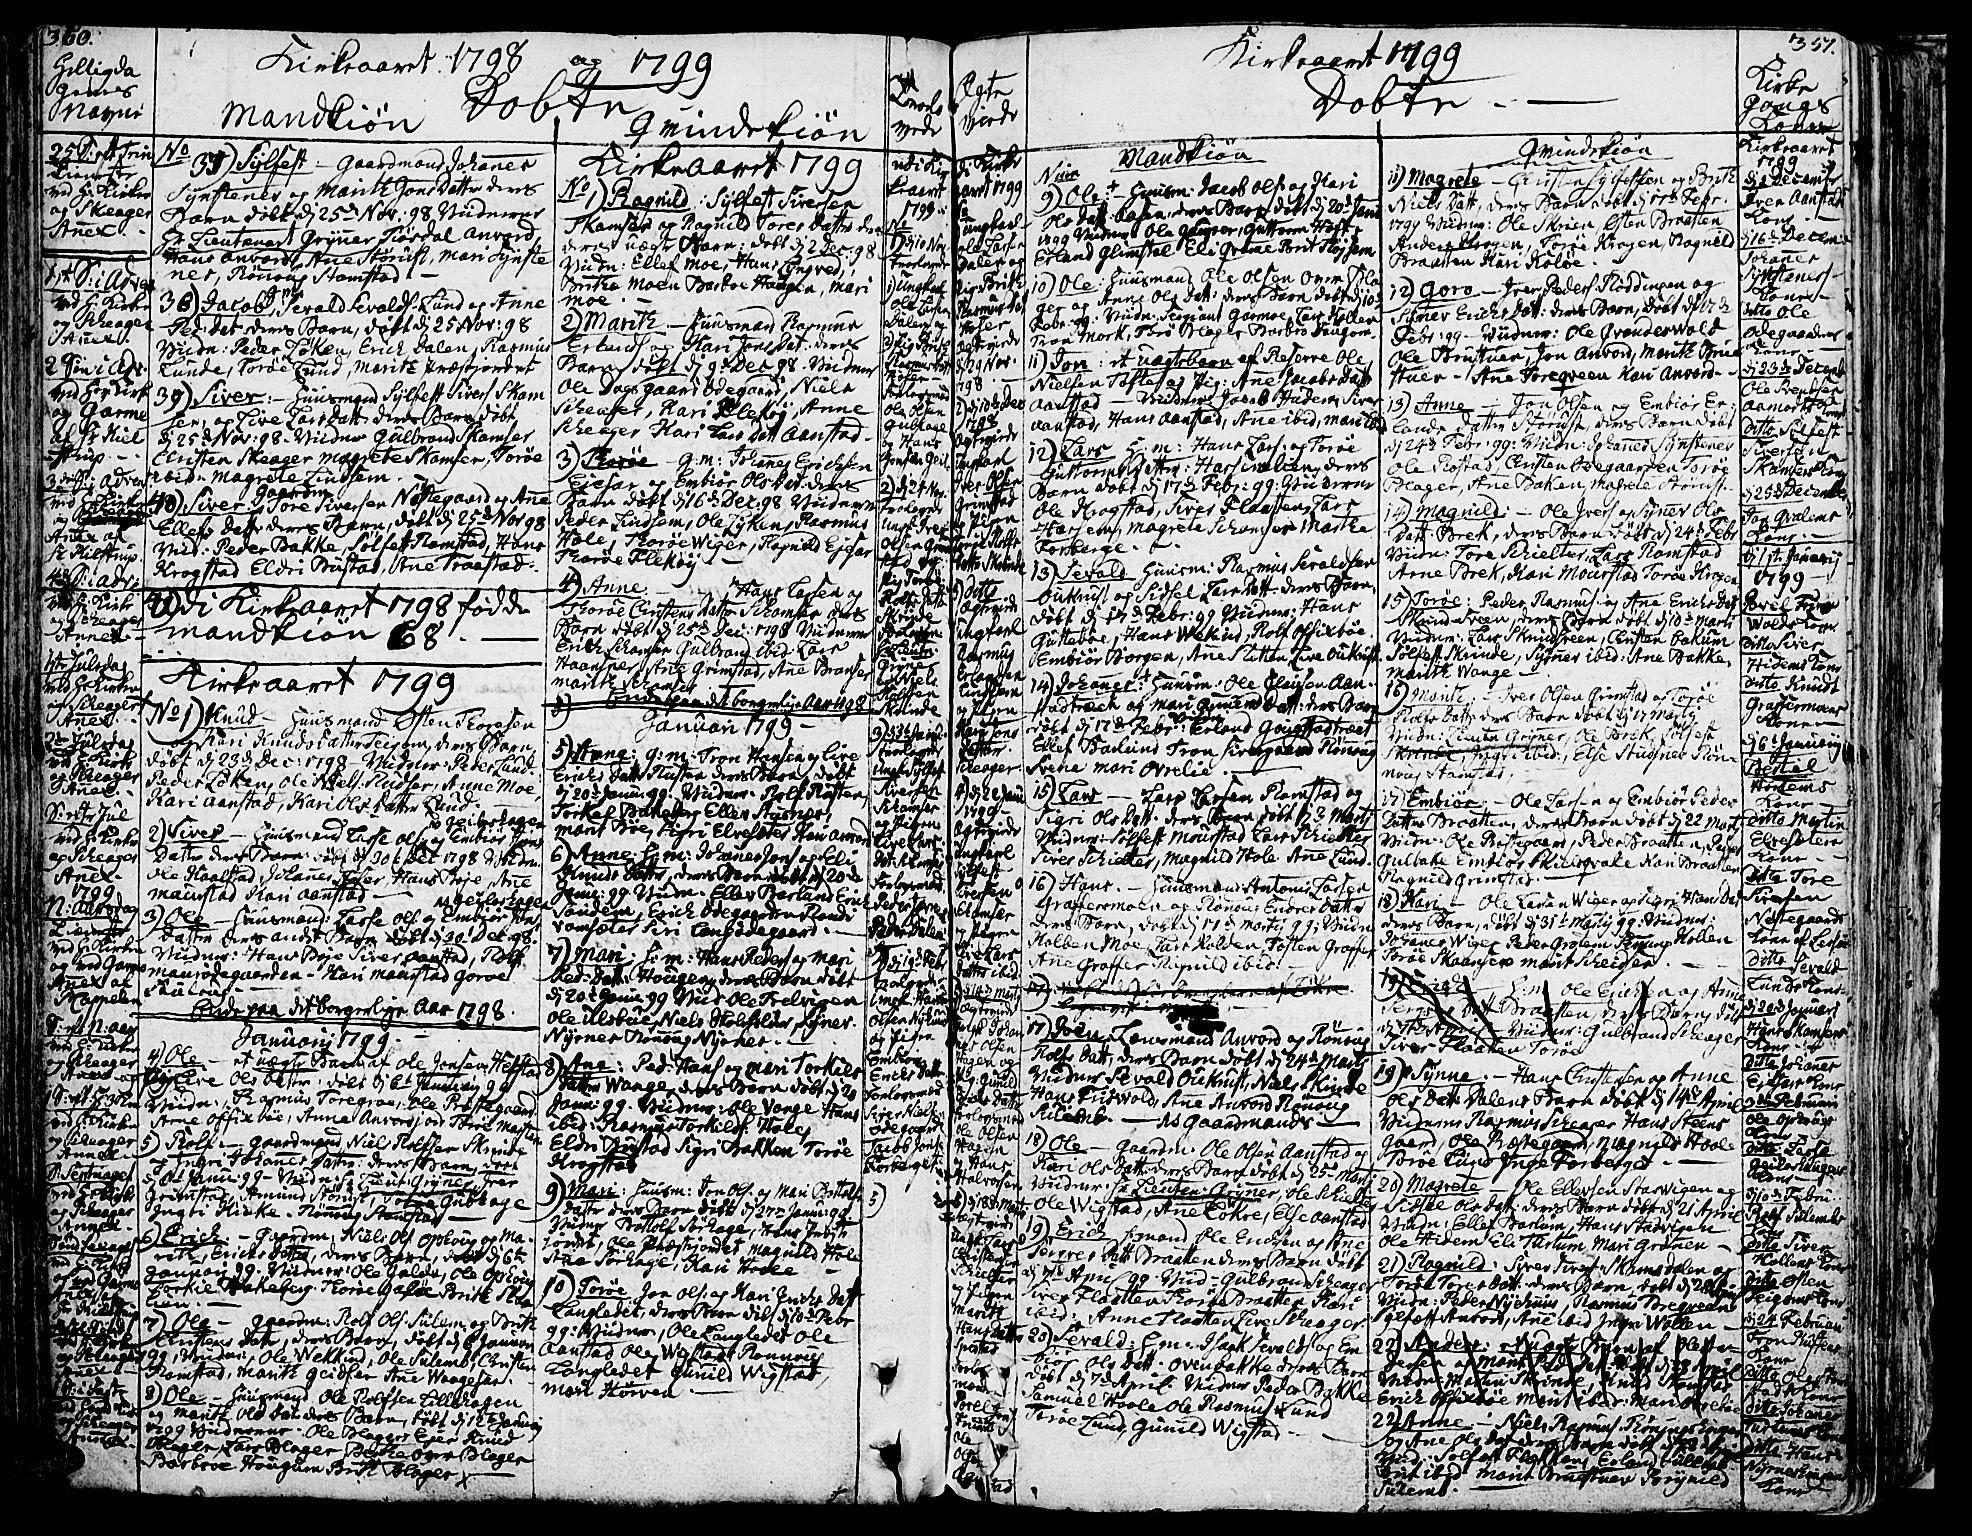 SAH, Lom prestekontor, K/L0002: Ministerialbok nr. 2, 1749-1801, s. 350-351